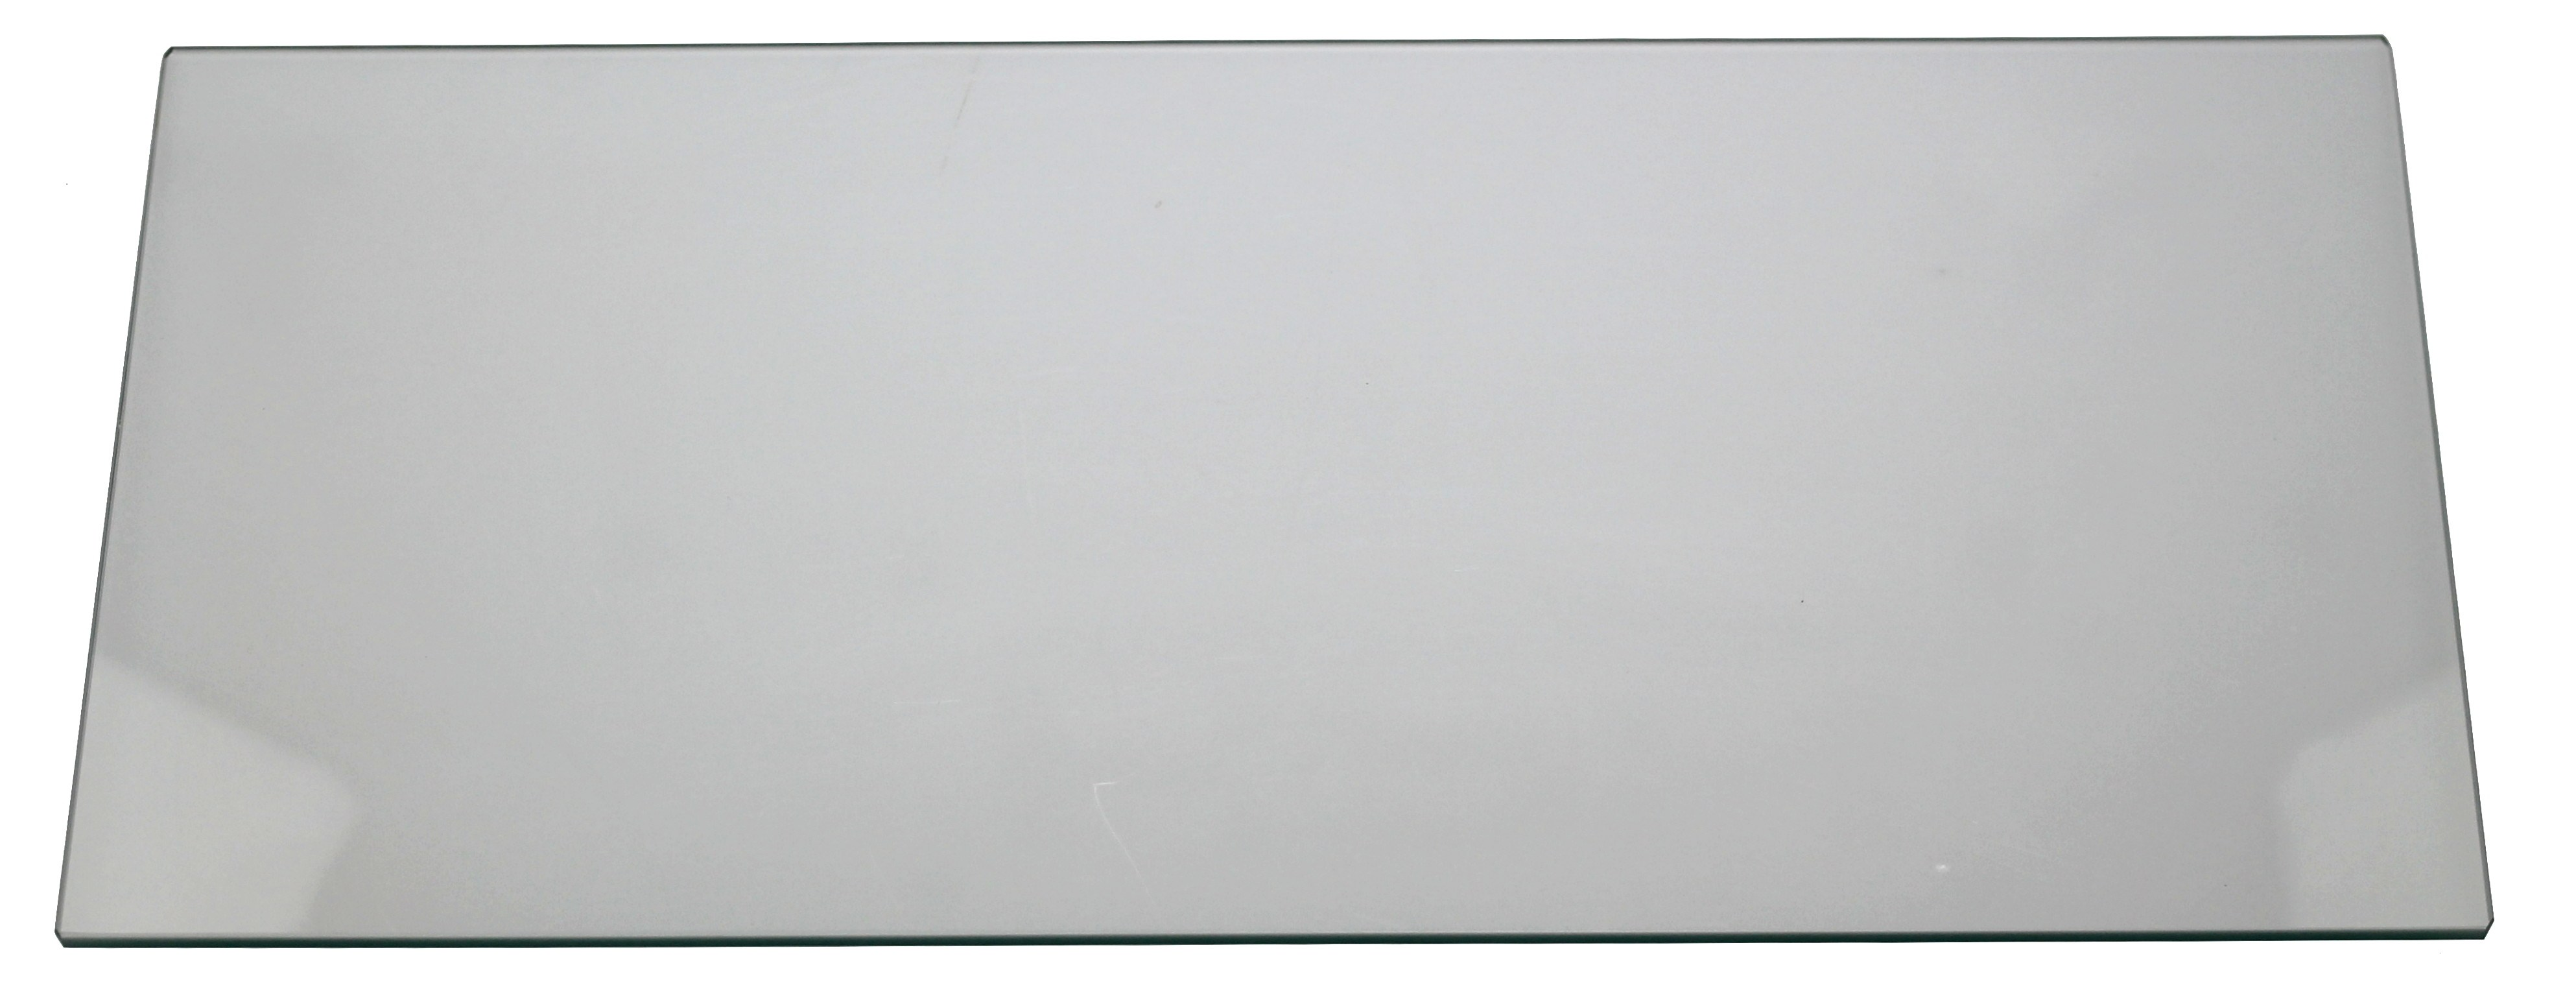 Bosch, Siemens, Neff 11013249 Glasplatte für Kühlschrank, Kühl ...